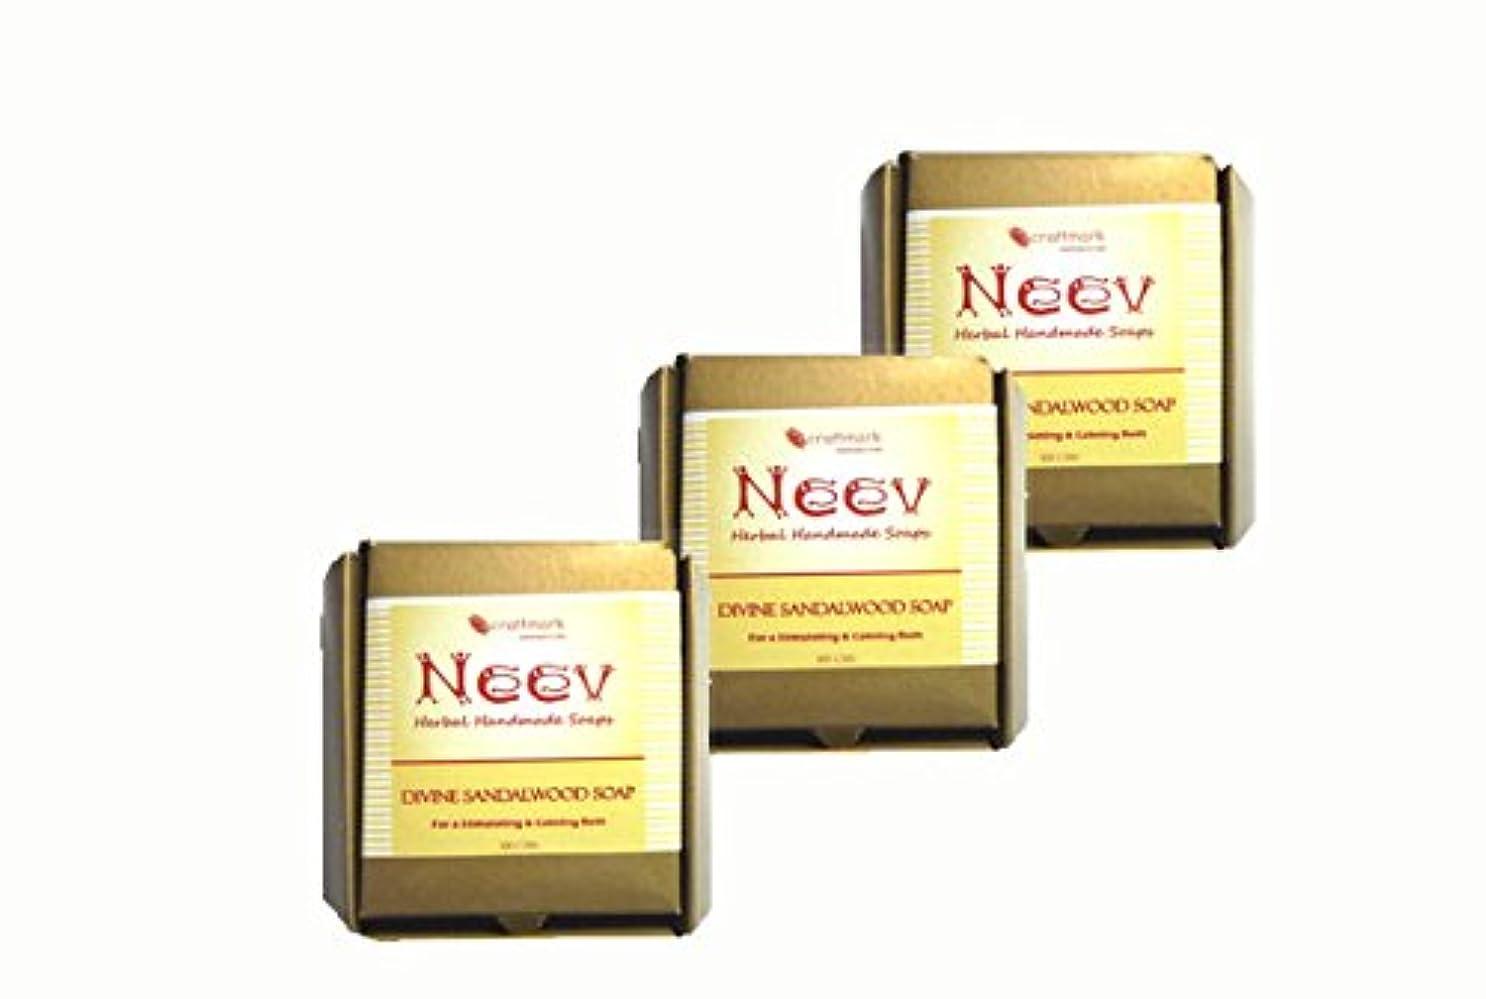 観光に行く性交悲観的手作り アーユルヴェーダ ニーブ サンダル ソープ 3個セット AYURVEDA NEEV Herbal DIVINE SANDALWOOD SOAP